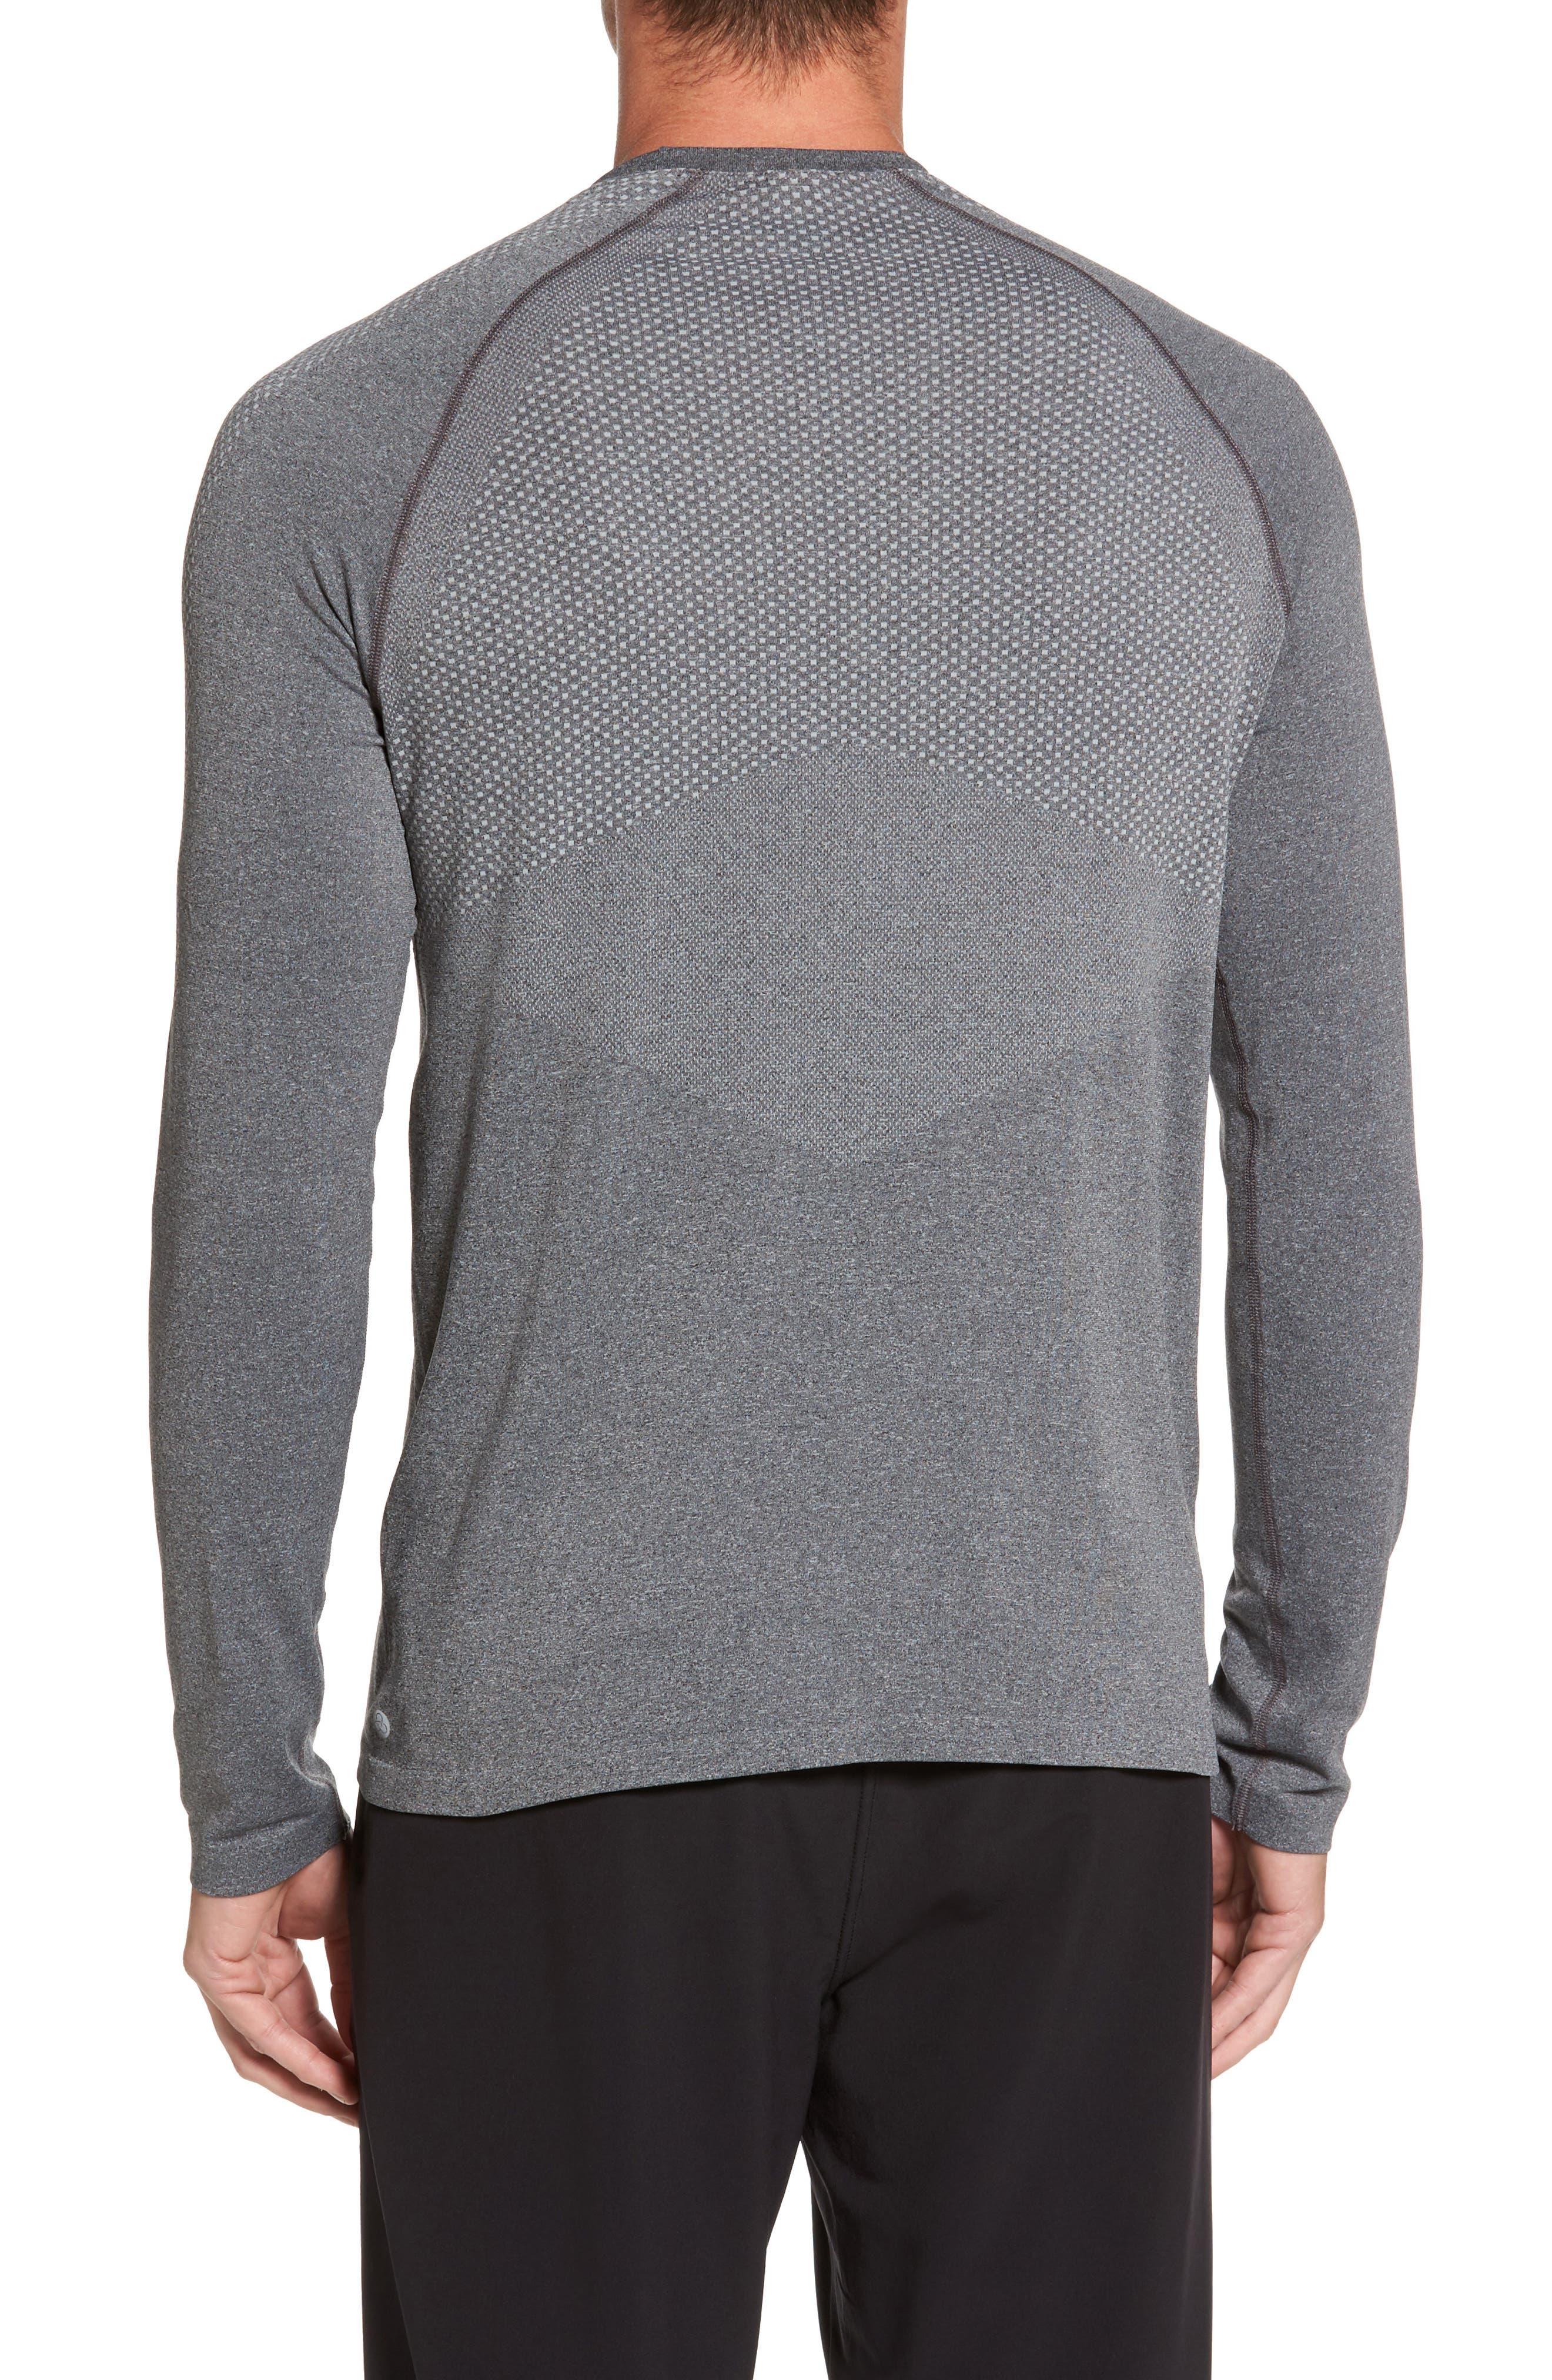 Zeolite Long Sleeve Performance T-Shirt,                             Alternate thumbnail 2, color,                             050